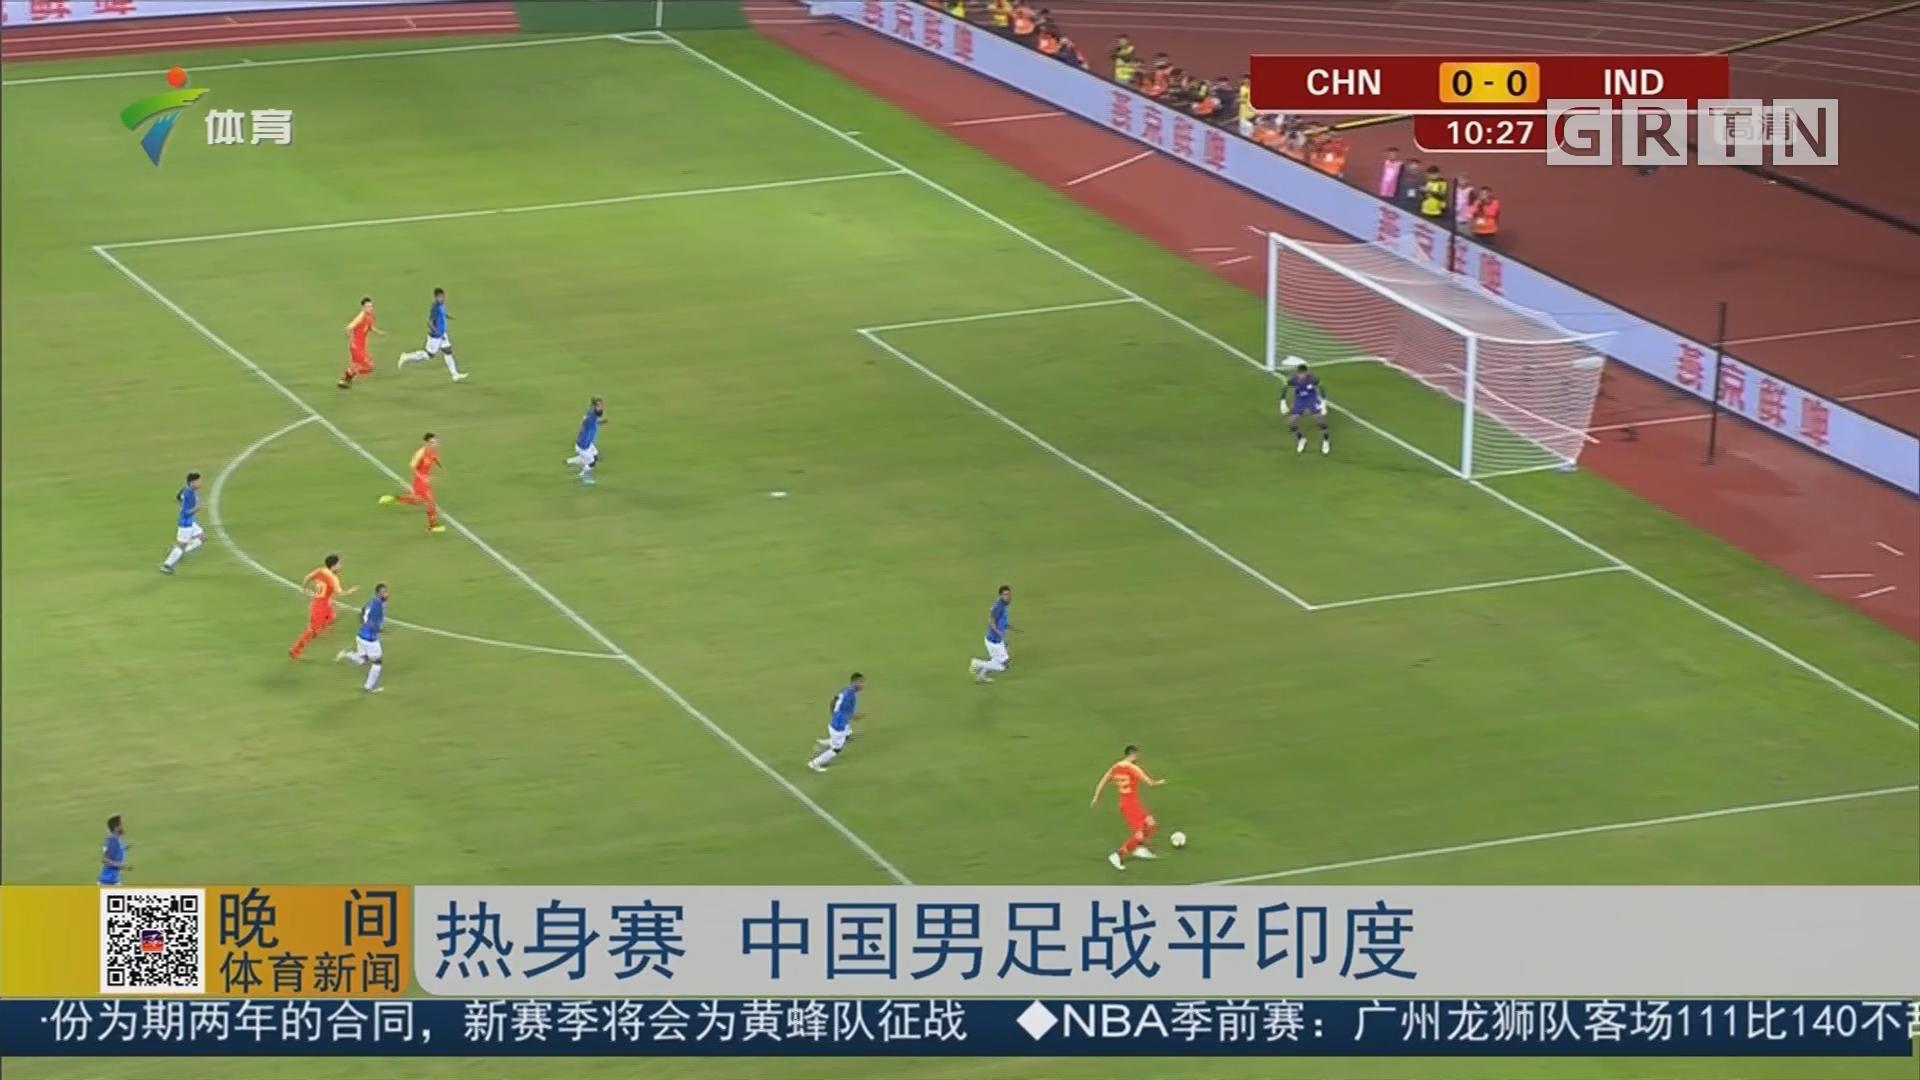 热身赛 中国男足战平印度